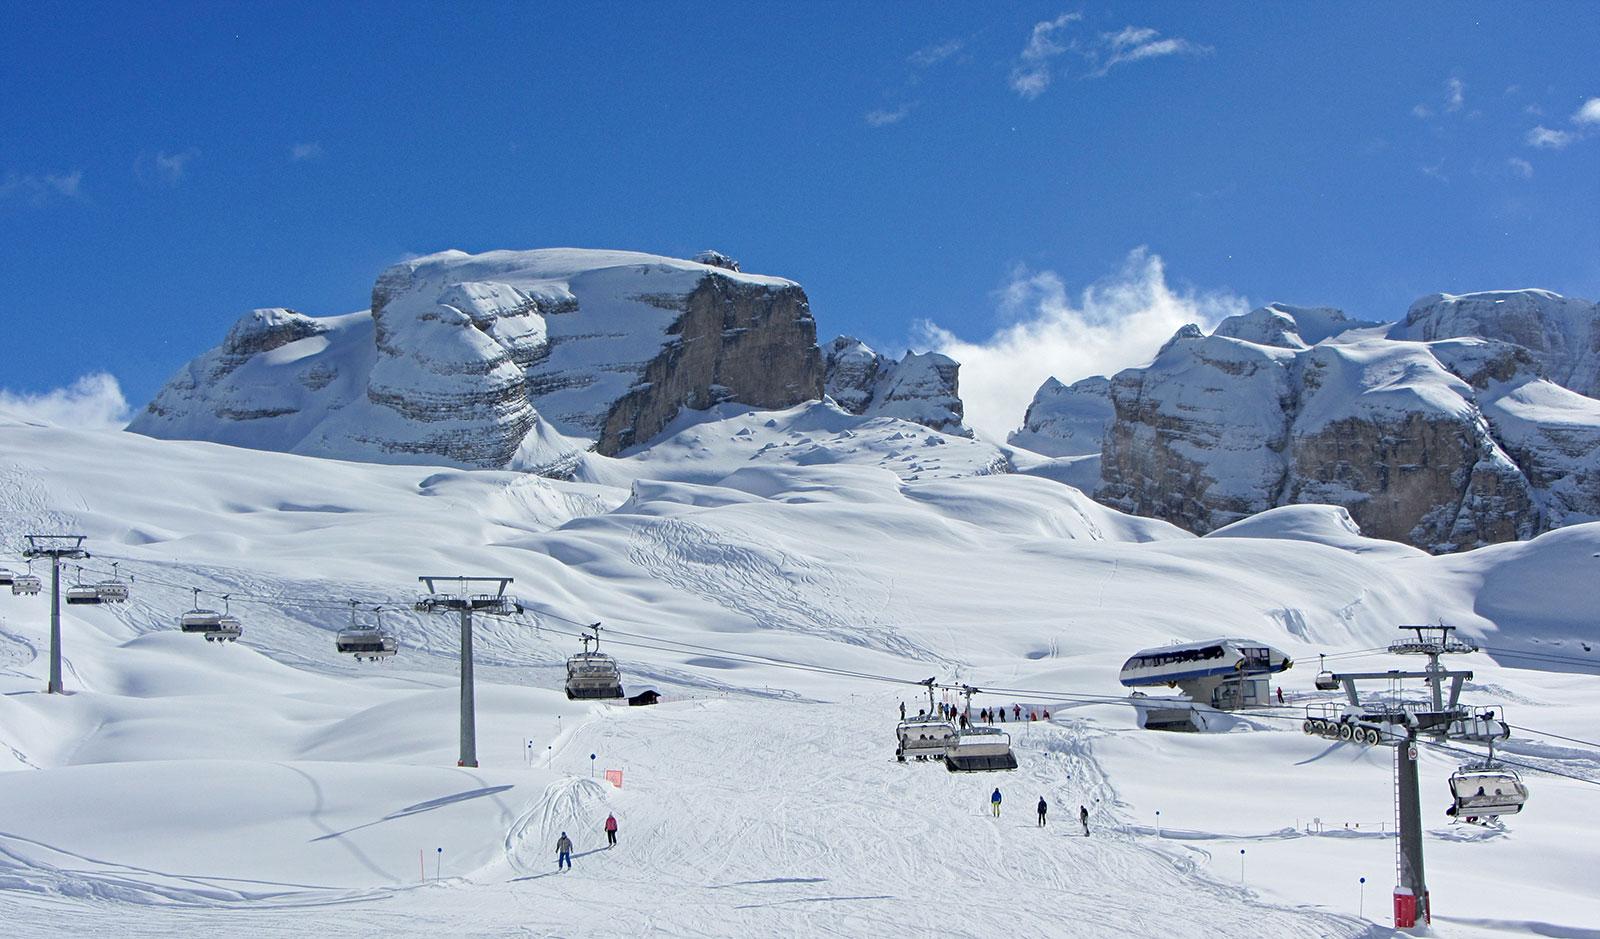 neve stazioni sciistiche lombardy italy - photo#6